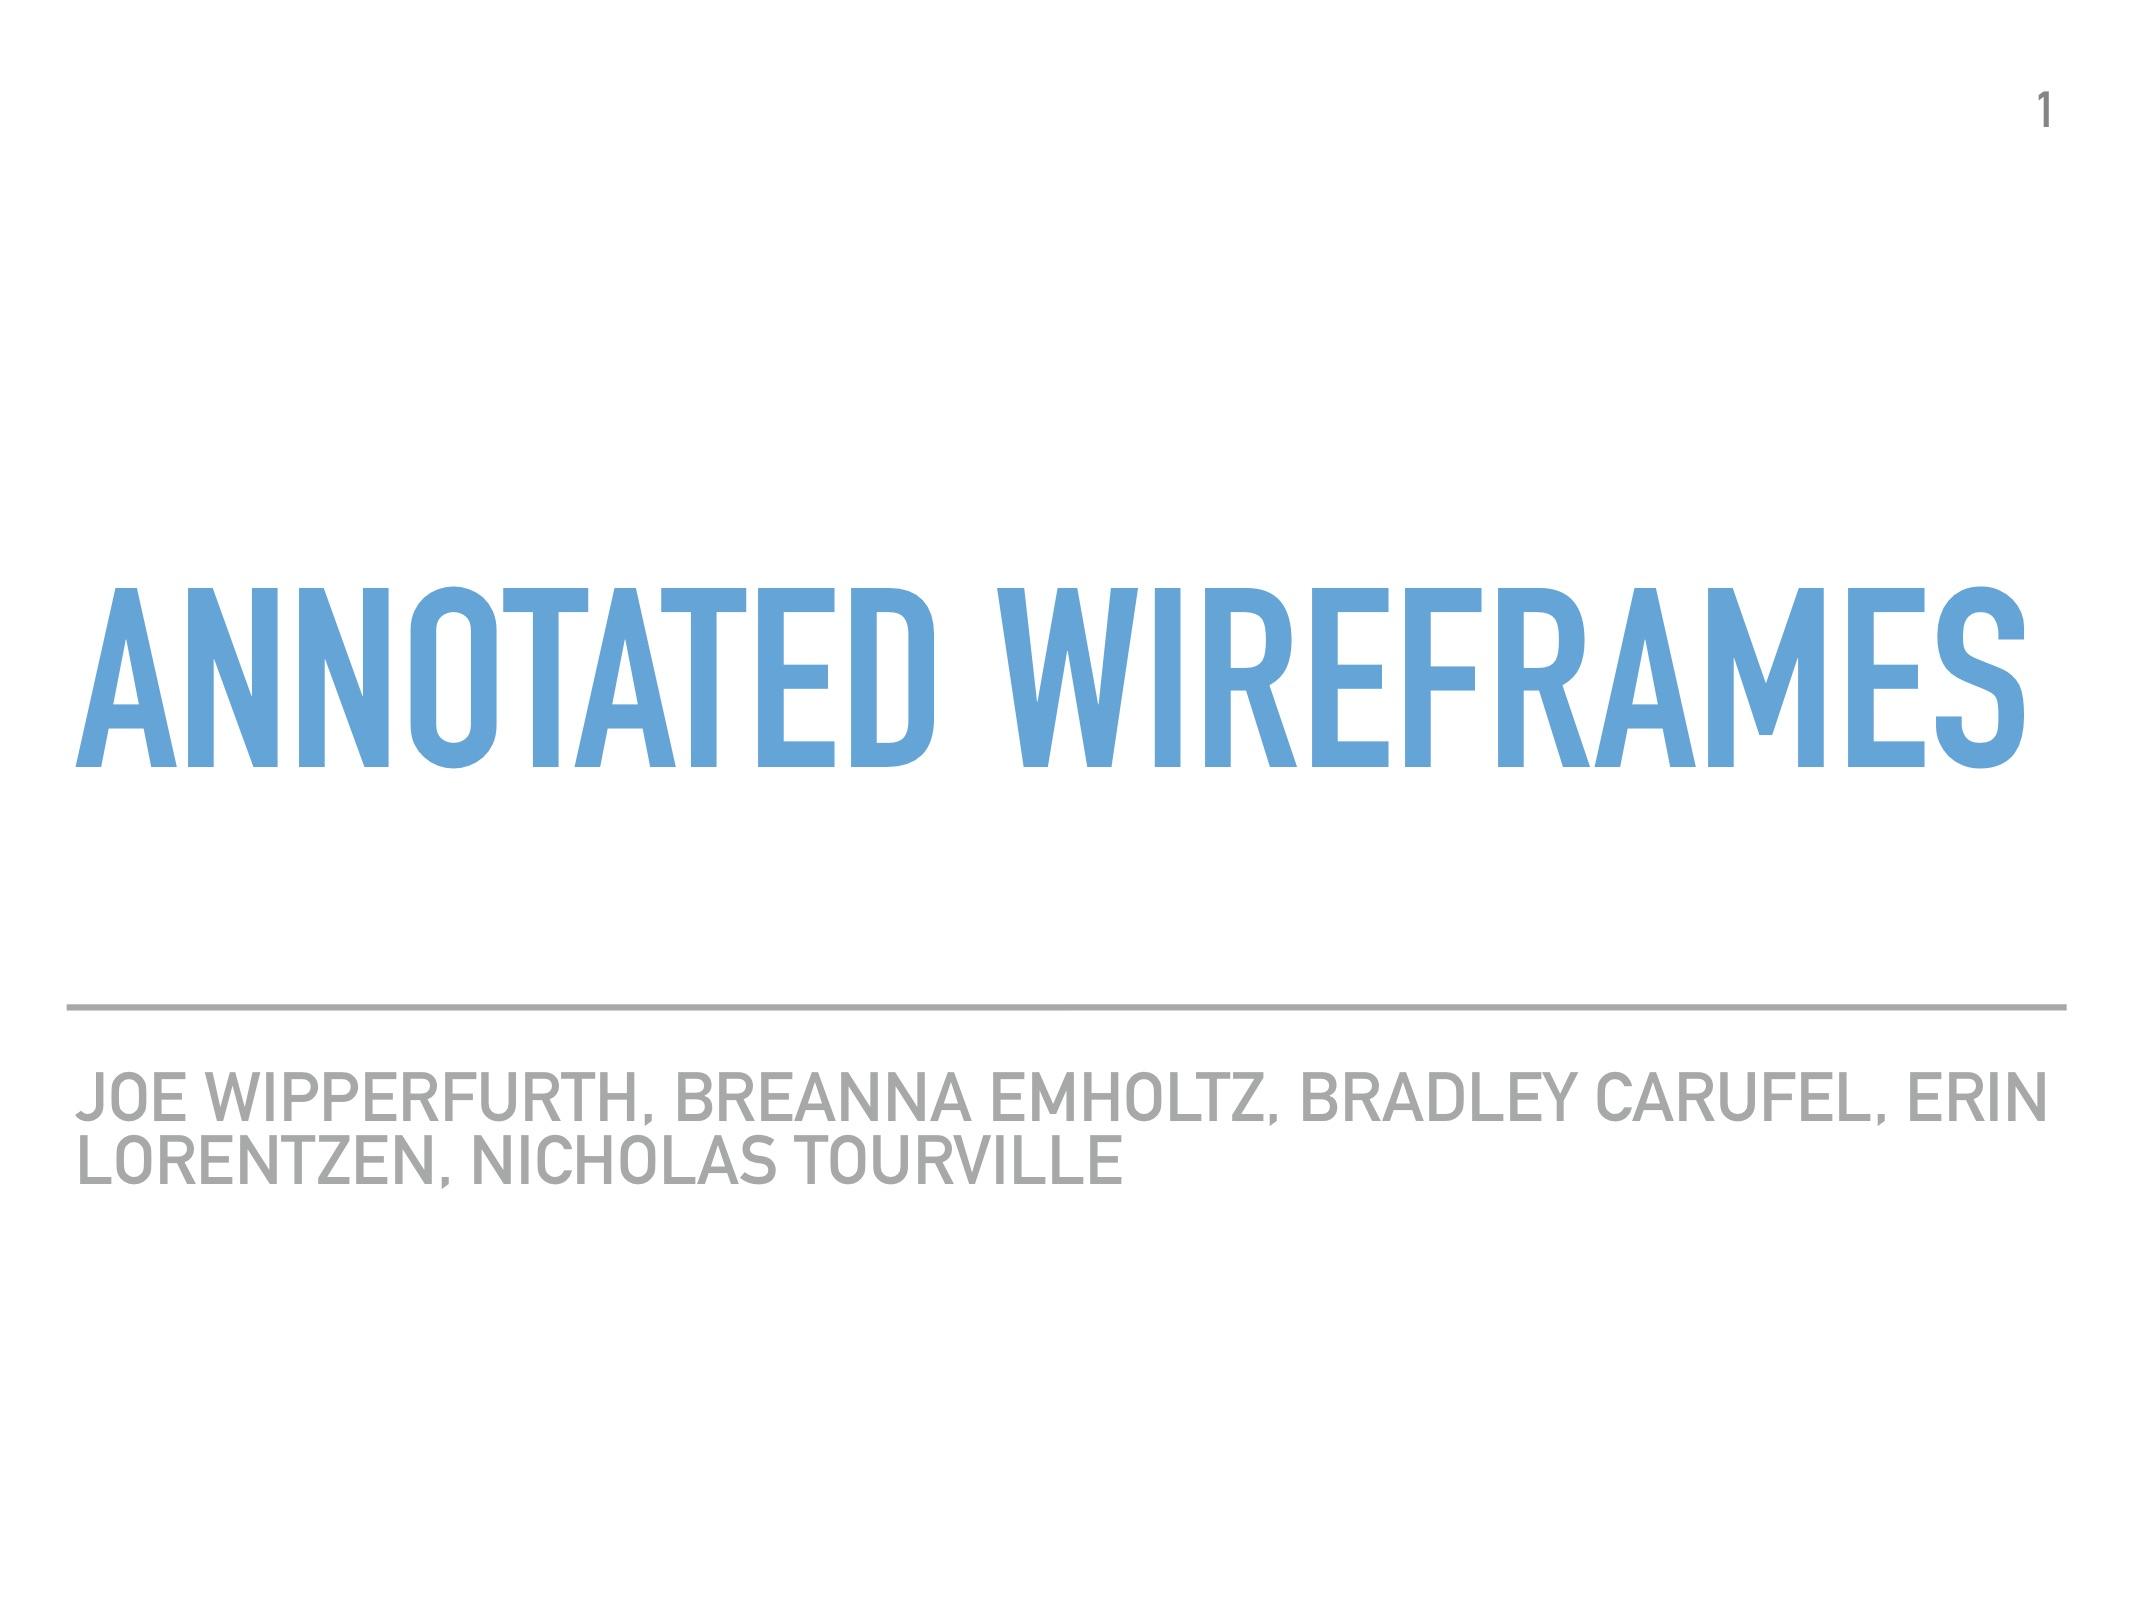 AnnotatedWireframes1.jpg